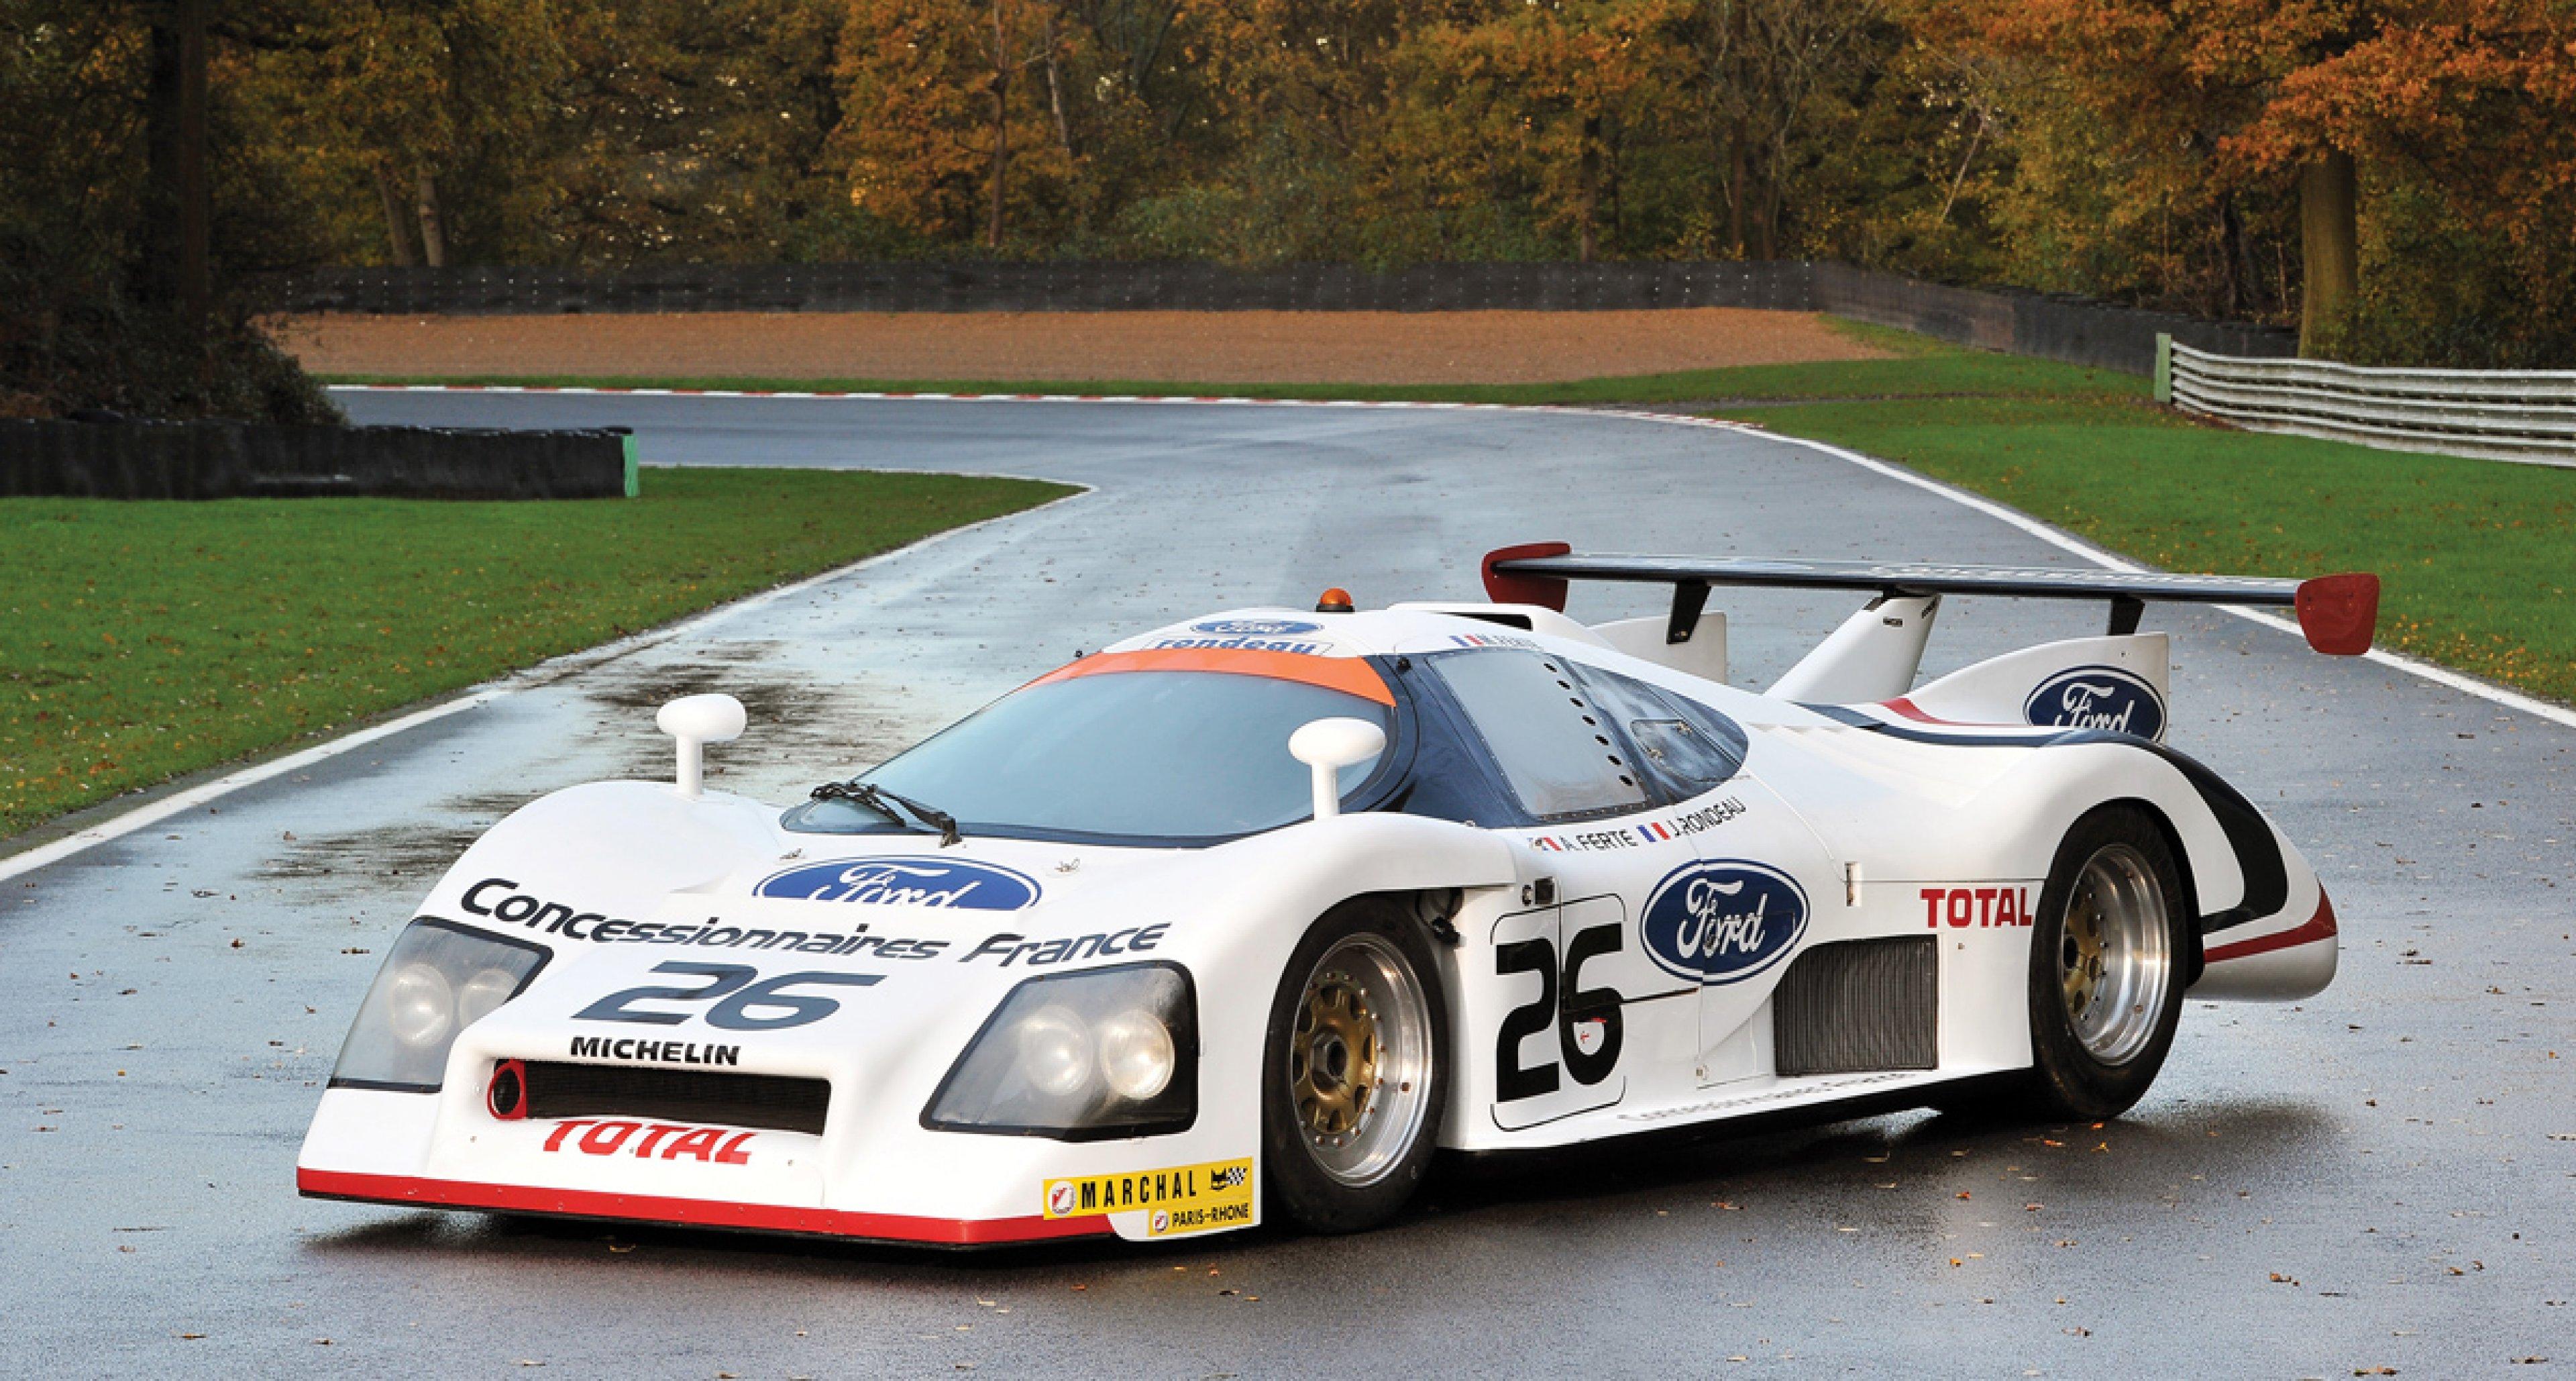 Lot 39: 1982 Rondeau M482 Le Mans GTP € 200.000 - 250.000